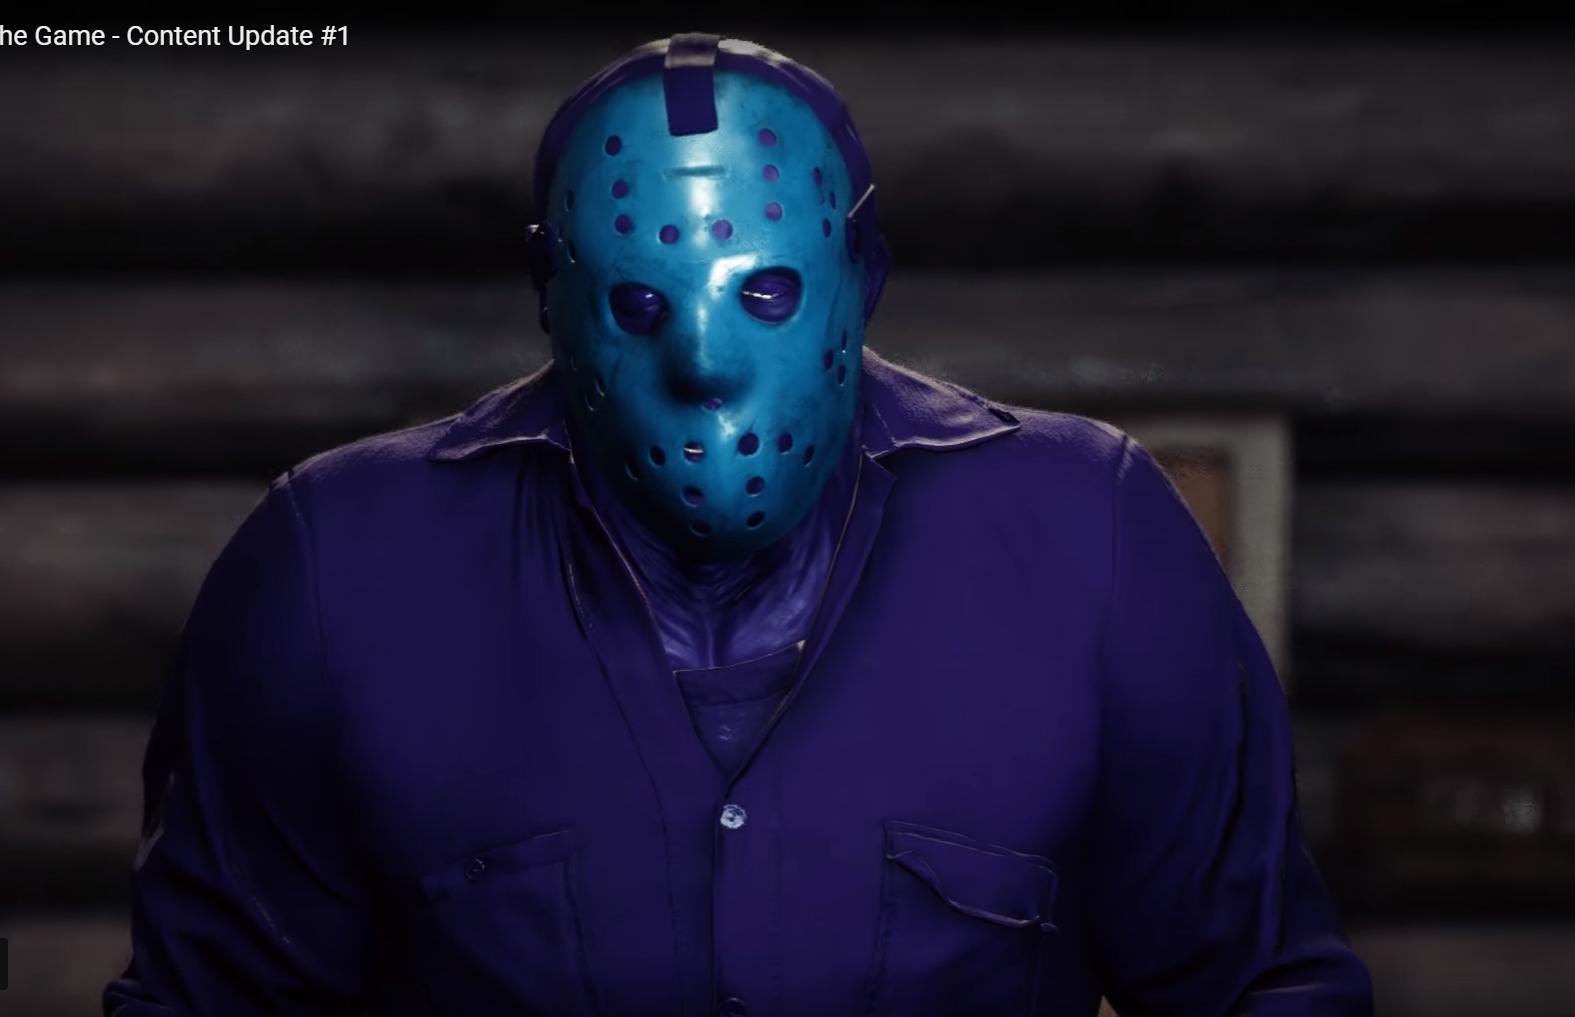 Friday the 13th Update: Entwickler entschuldigen sich mit Gratis-Kram